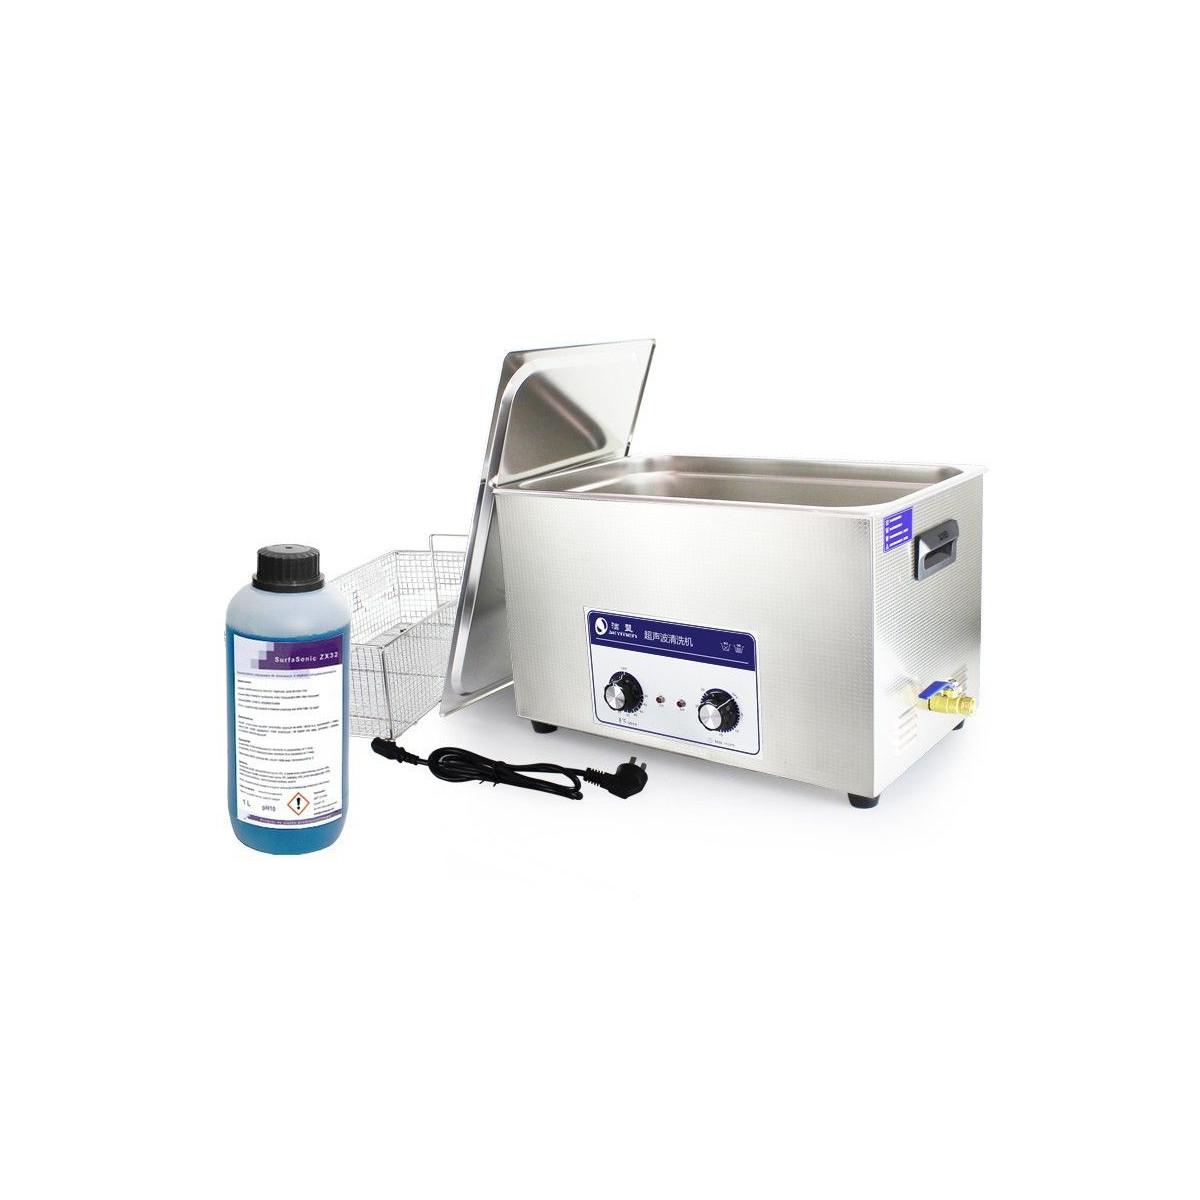 Myjka ultradźwiękowa JP-100S 30L